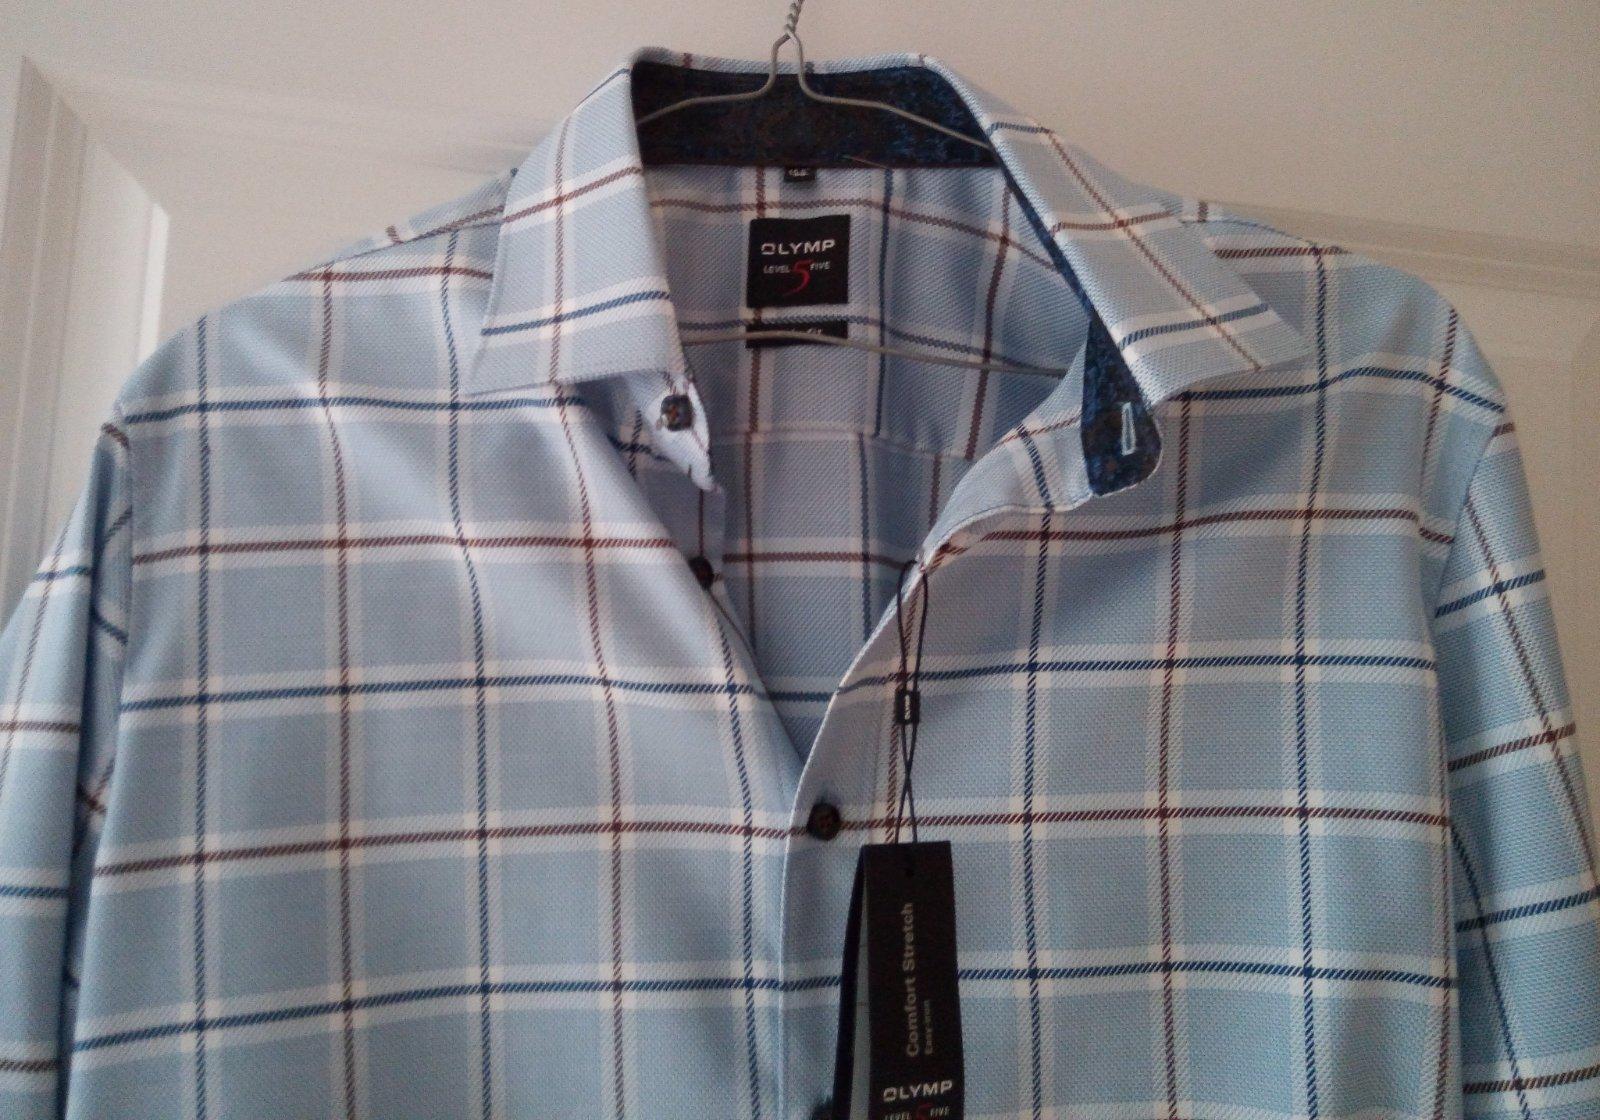 Pánska modrá károvaná košeľa 39 - Obrázok č. 4